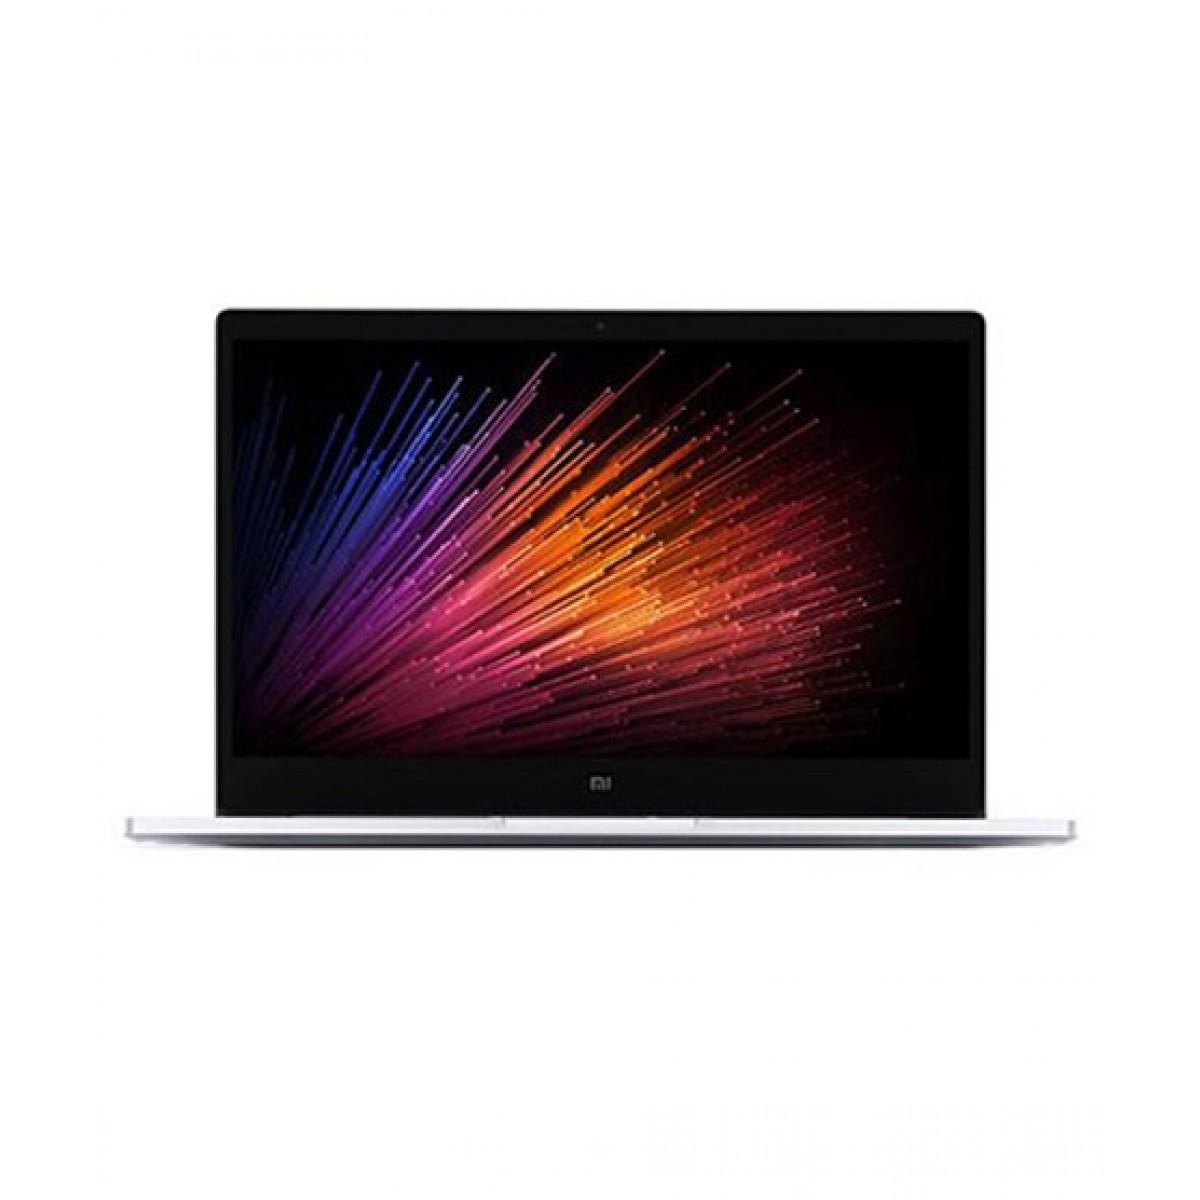 """Xiaomi Mi Notebook Air 13.3"""" Core i5 6th Gen 256GB 8GB RAM Laptop Silver"""